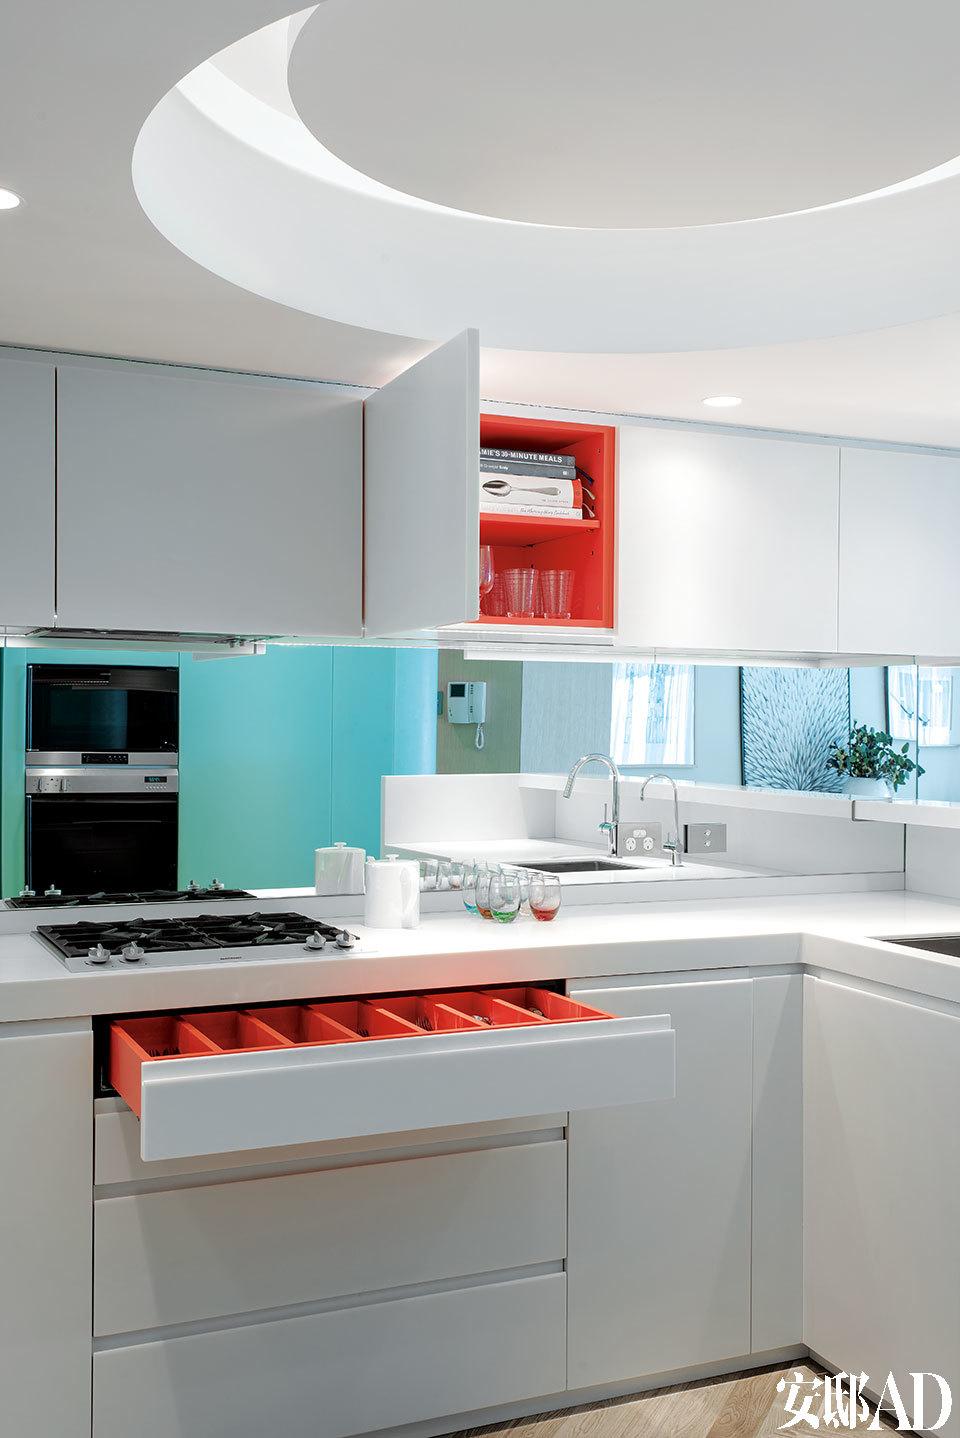 [After] 厨房色调仍以米白为主,顶灯的设计让2.4米的层高看起来并不那么局促。隐藏起来的抽屉和储物柜内部被调皮地漆成了粉红色。